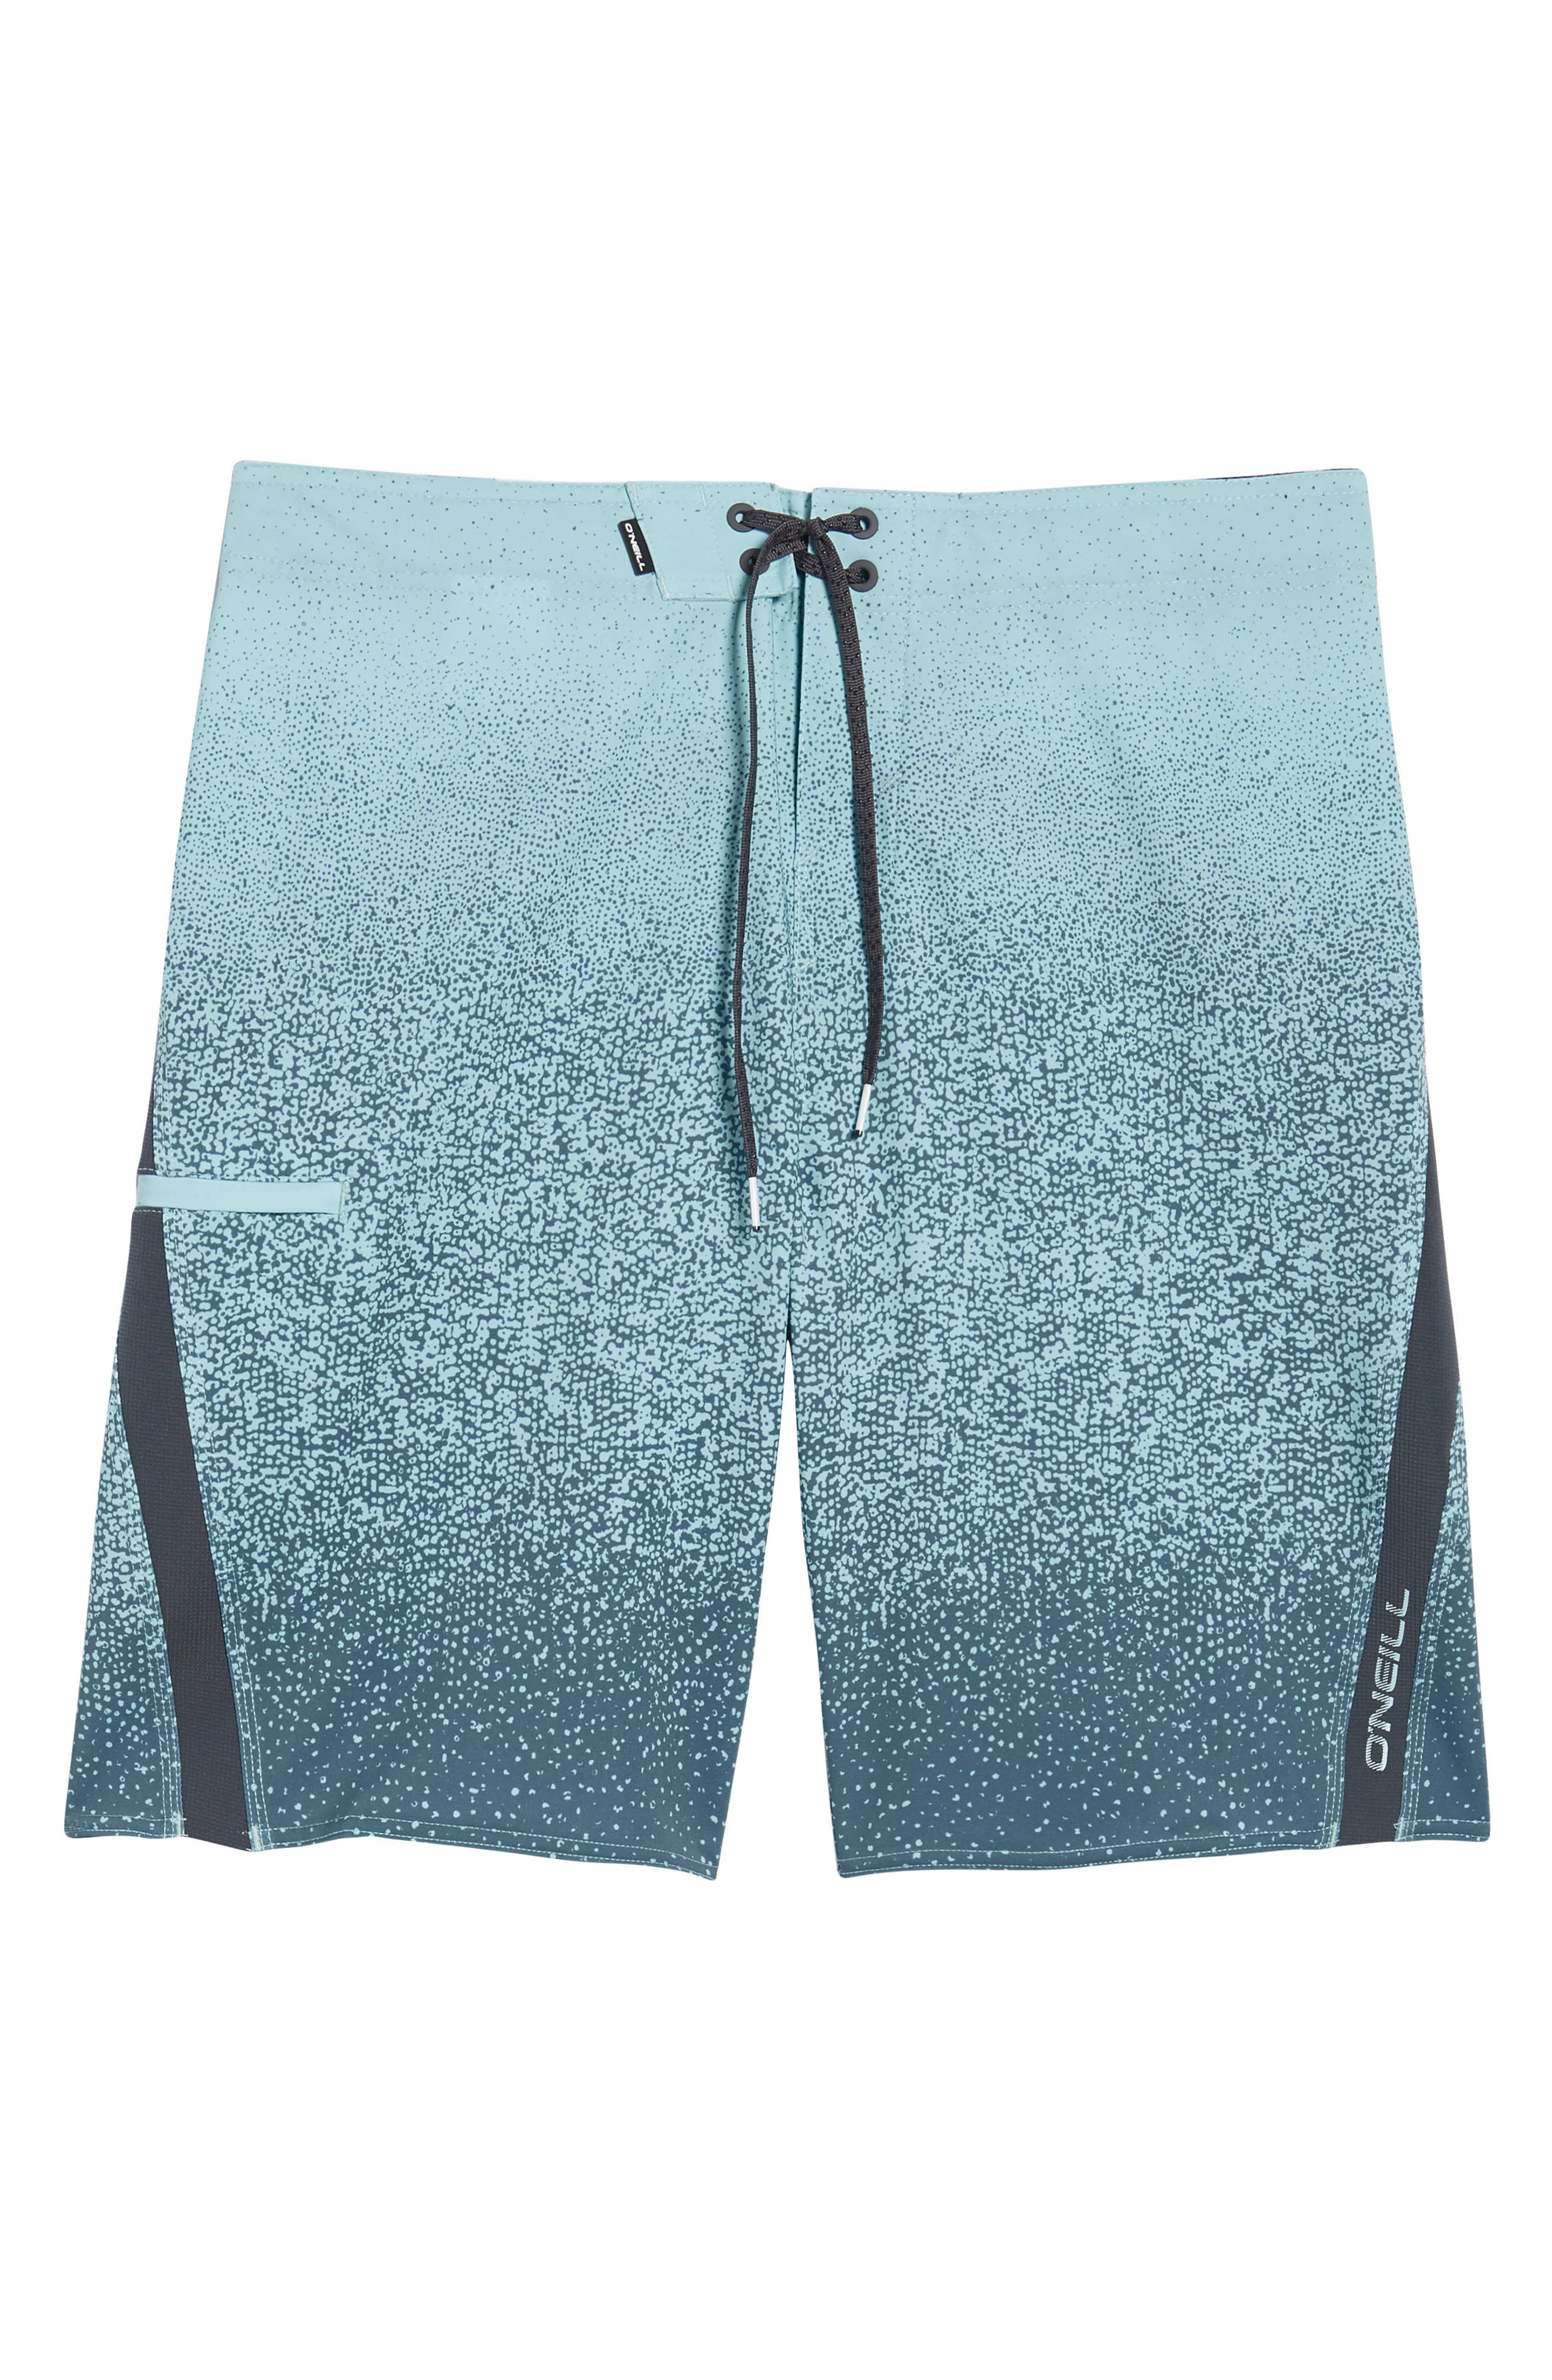 Superfreak Doppler Board Shorts,                             Alternate thumbnail 12, color,